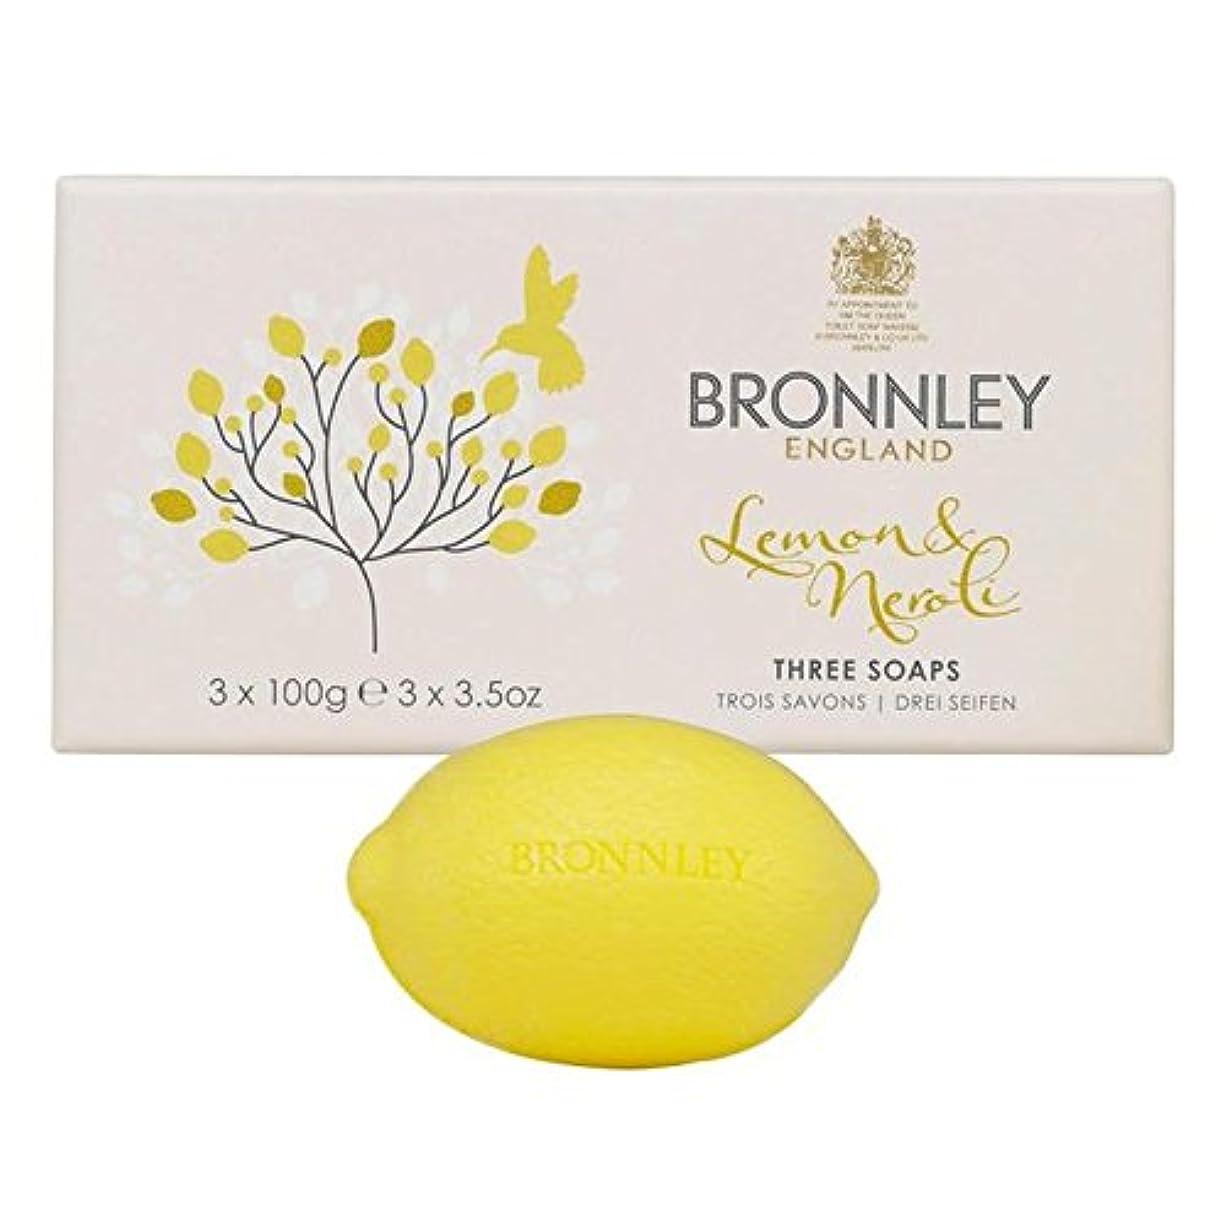 概して値下げ守るレモン&ネロリ石鹸3×100グラム x2 - Bronnley Lemon & Neroli Soaps 3 x 100g (Pack of 2) [並行輸入品]